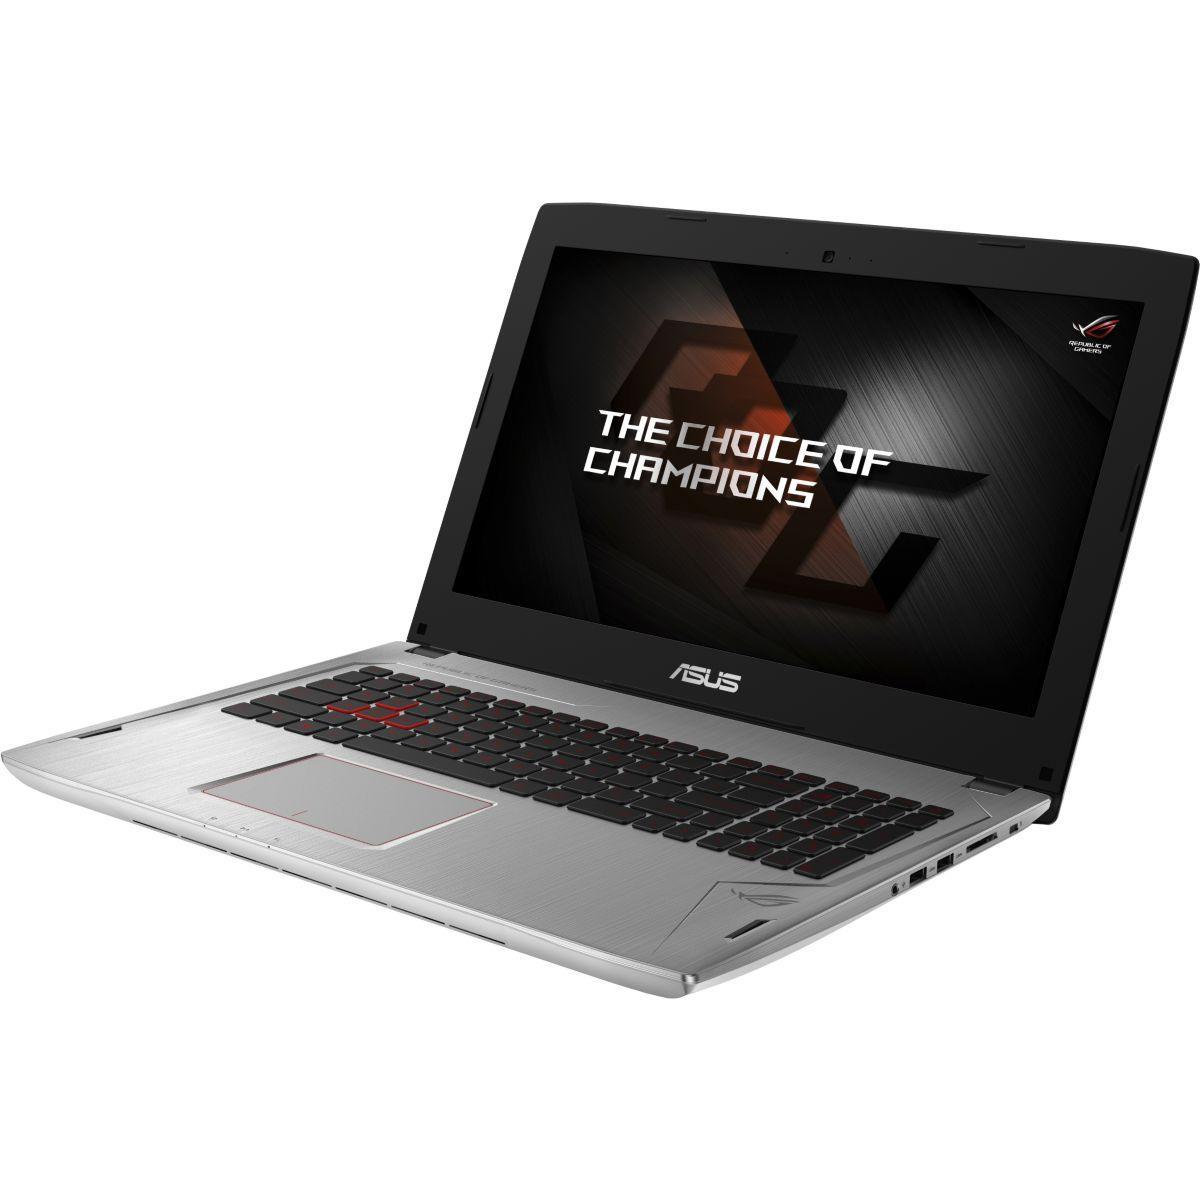 Pc portable gamer asus rog g502vs-gz270t - 10% de remise immédiate avec le code : cool10 (photo)